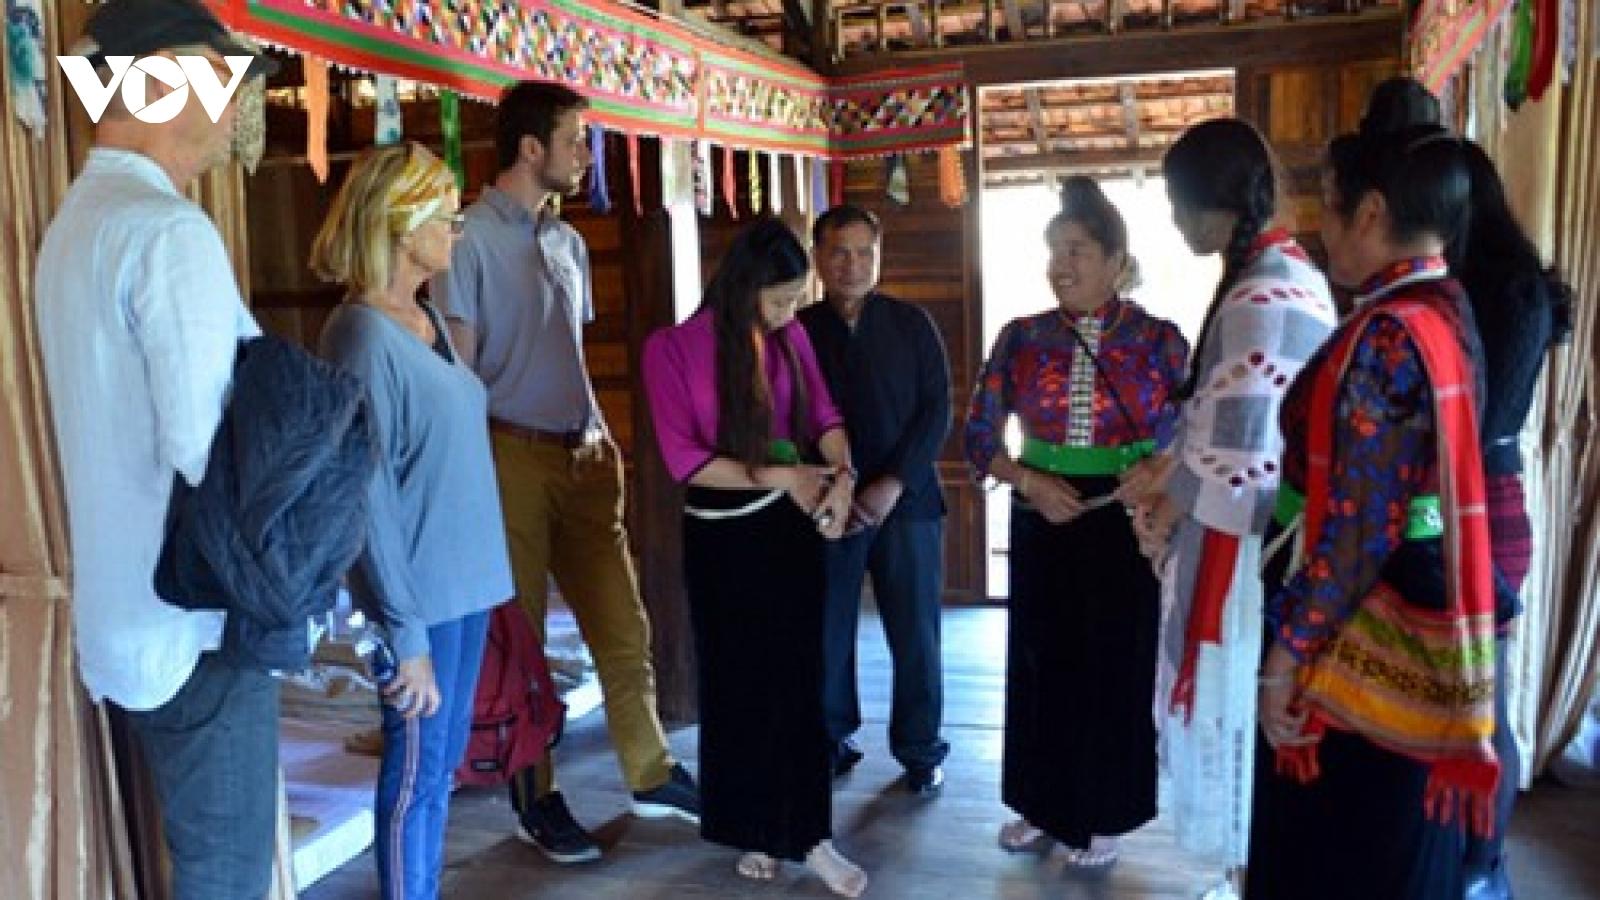 Mộc Châu làm du lịch cộng đồng từ bản sắc và sự thân thiện, mến khách